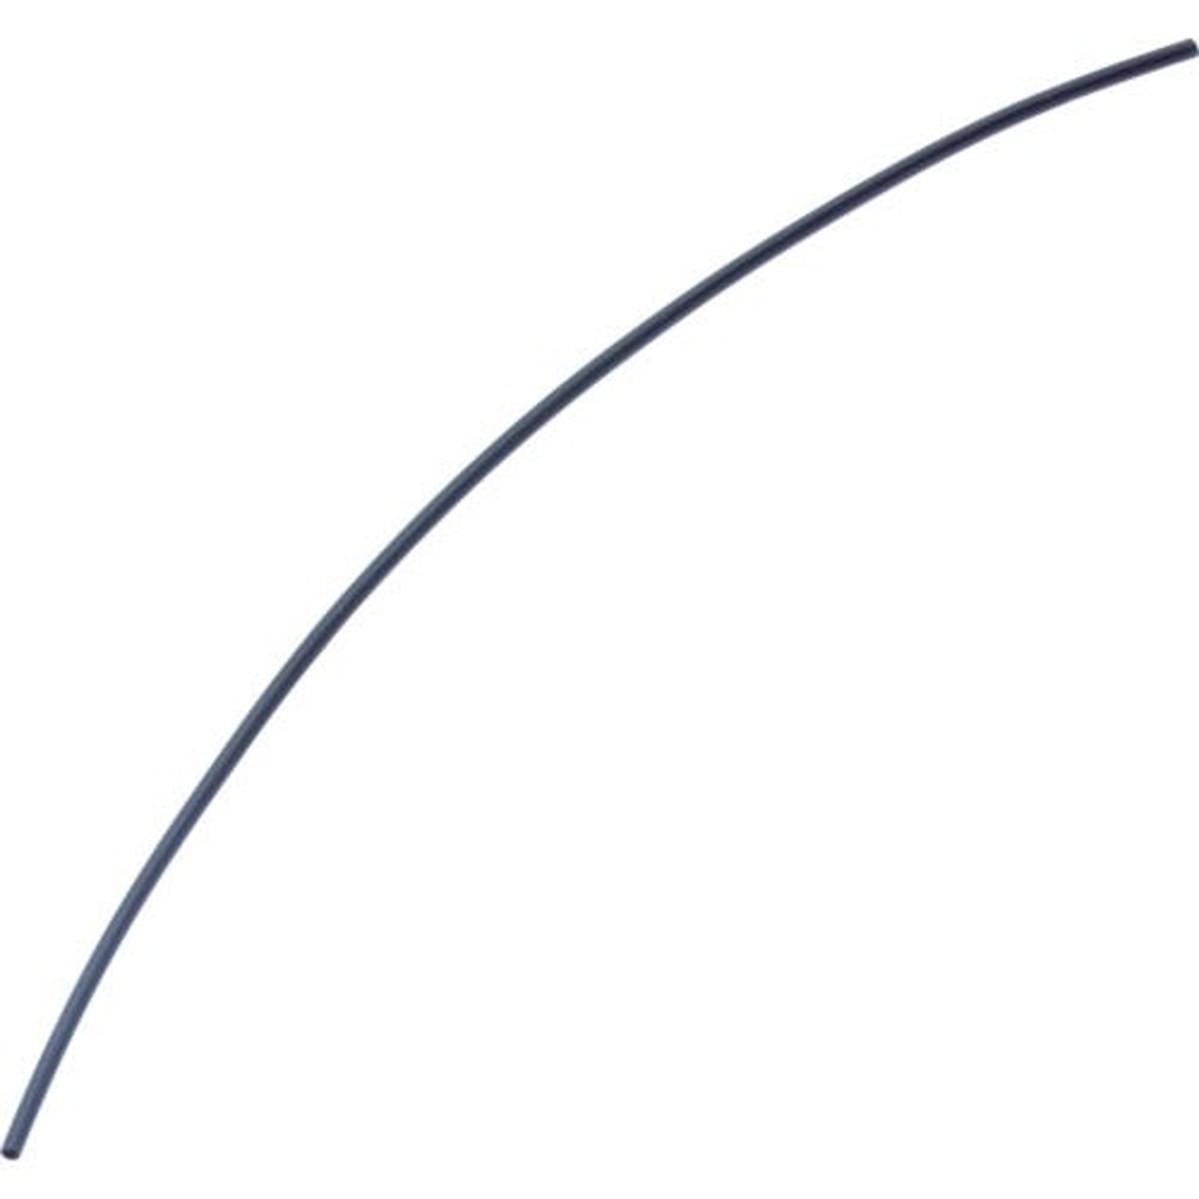 あす楽対応 DIY用品 お得クーポン発行中 パンドウイット 熱収縮チューブ 4年保証 UL224VW-1認定品エコノミーパック 1箱 24本